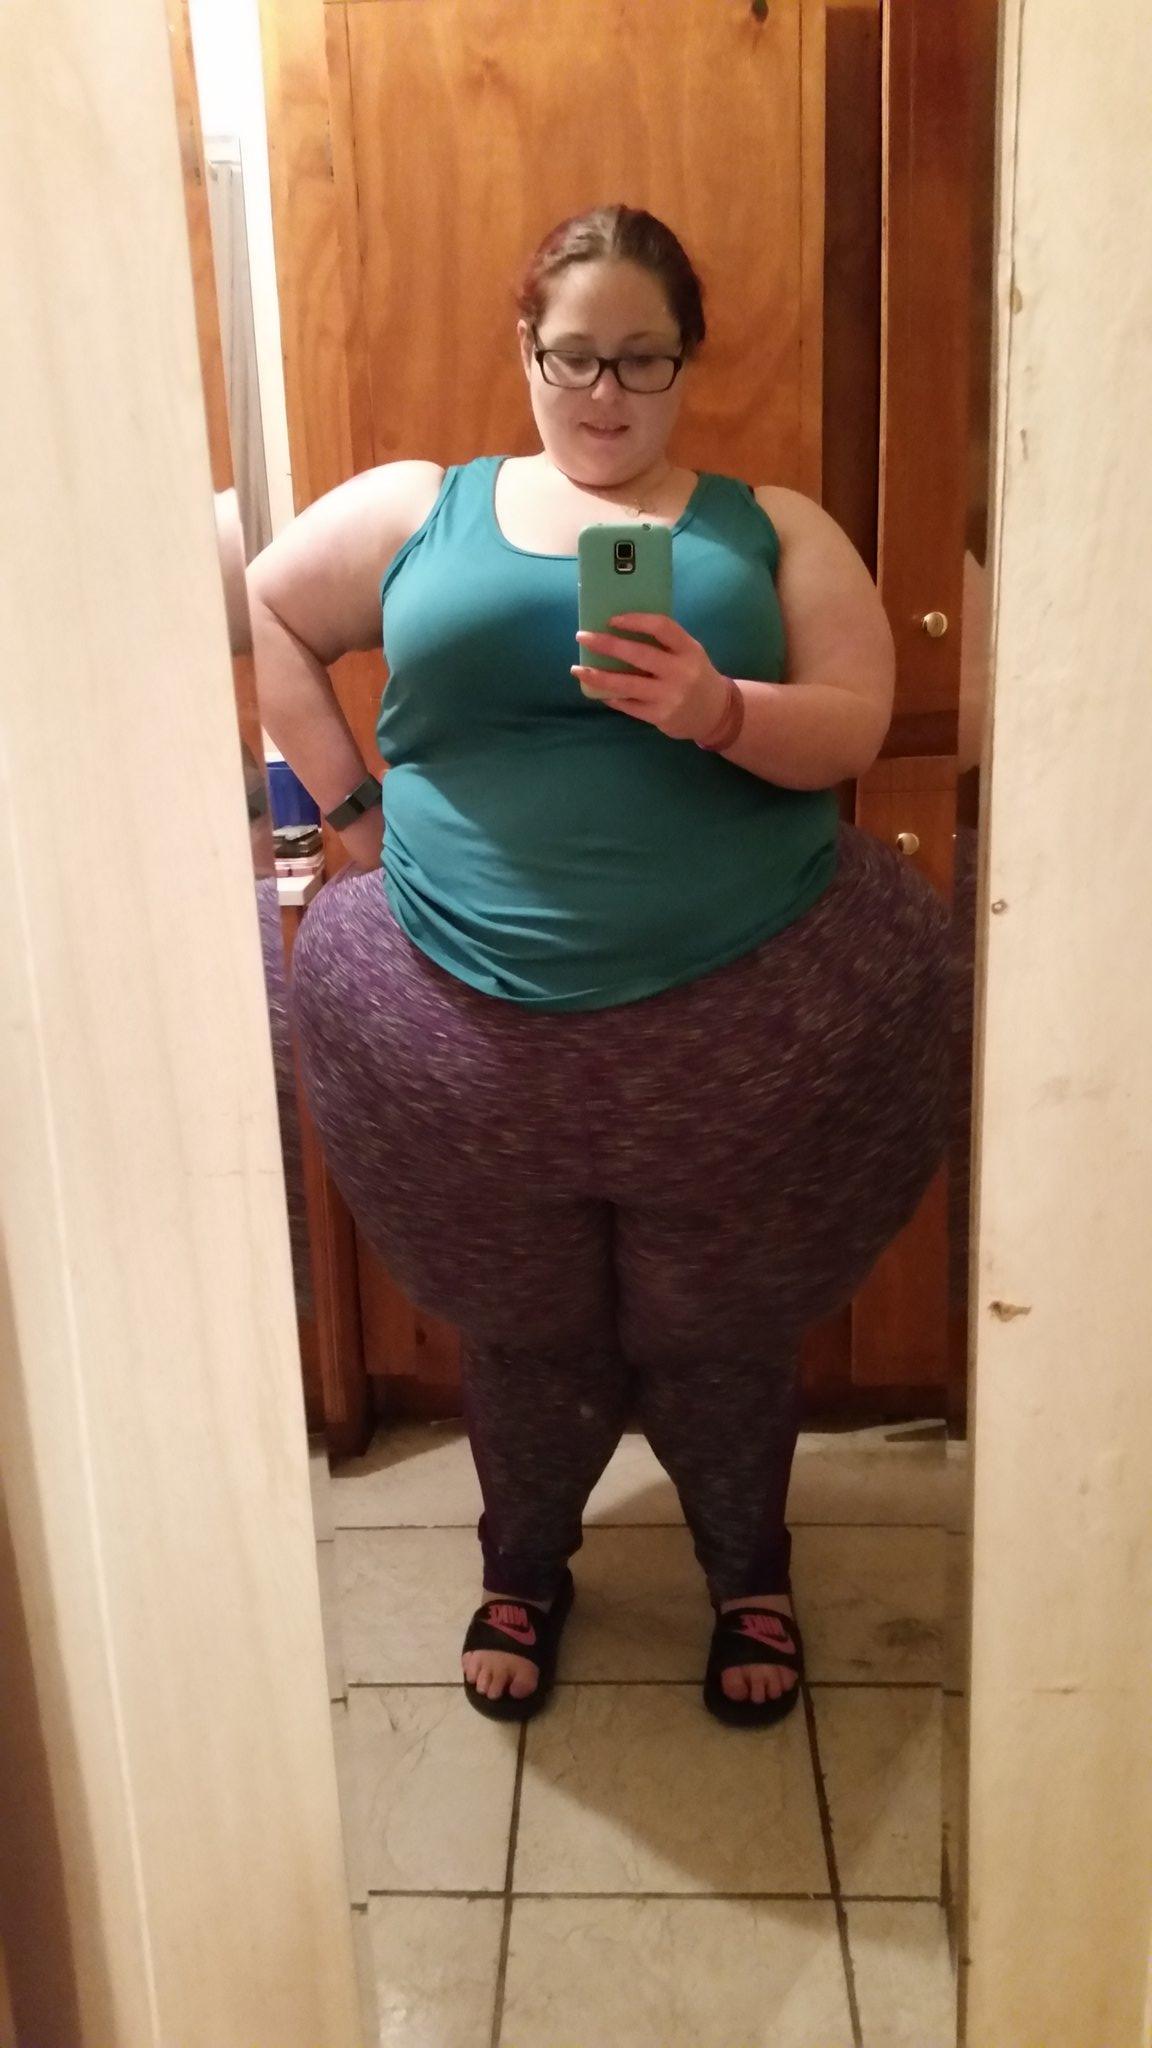 Ssbbw Ass Big Bbw - Pic Xxx-4454